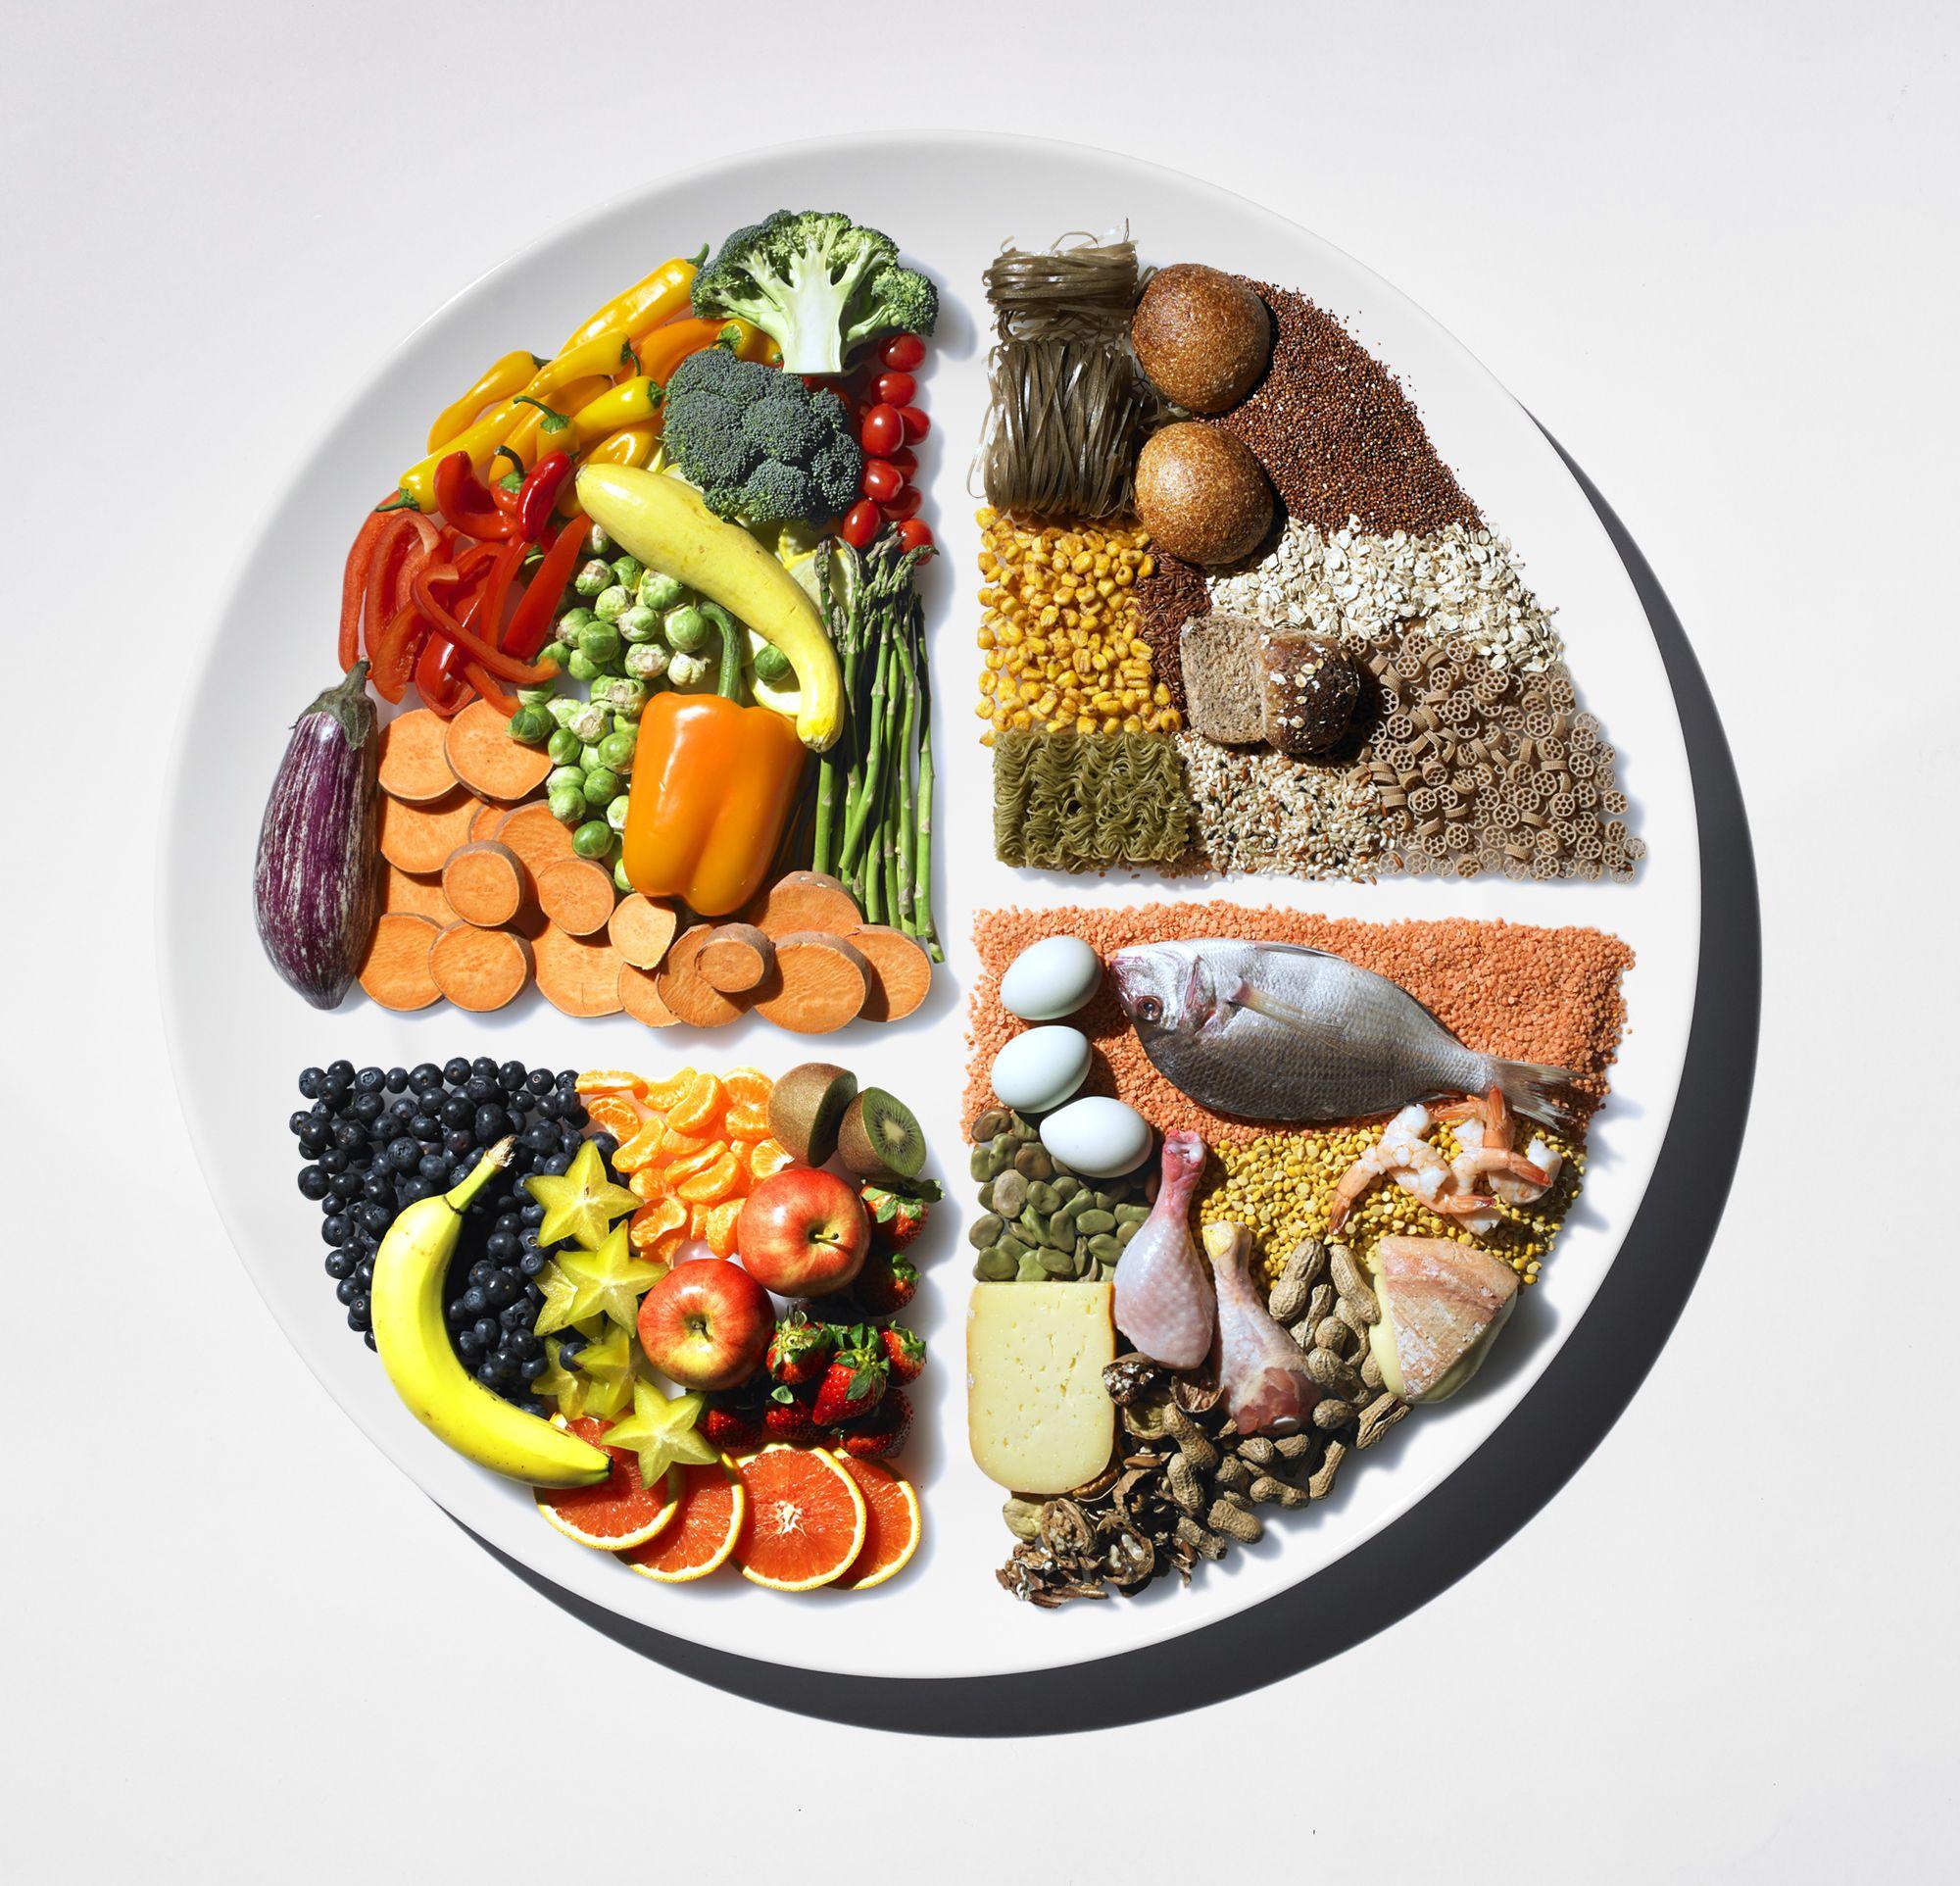 meeste eiwitten per 100 gram